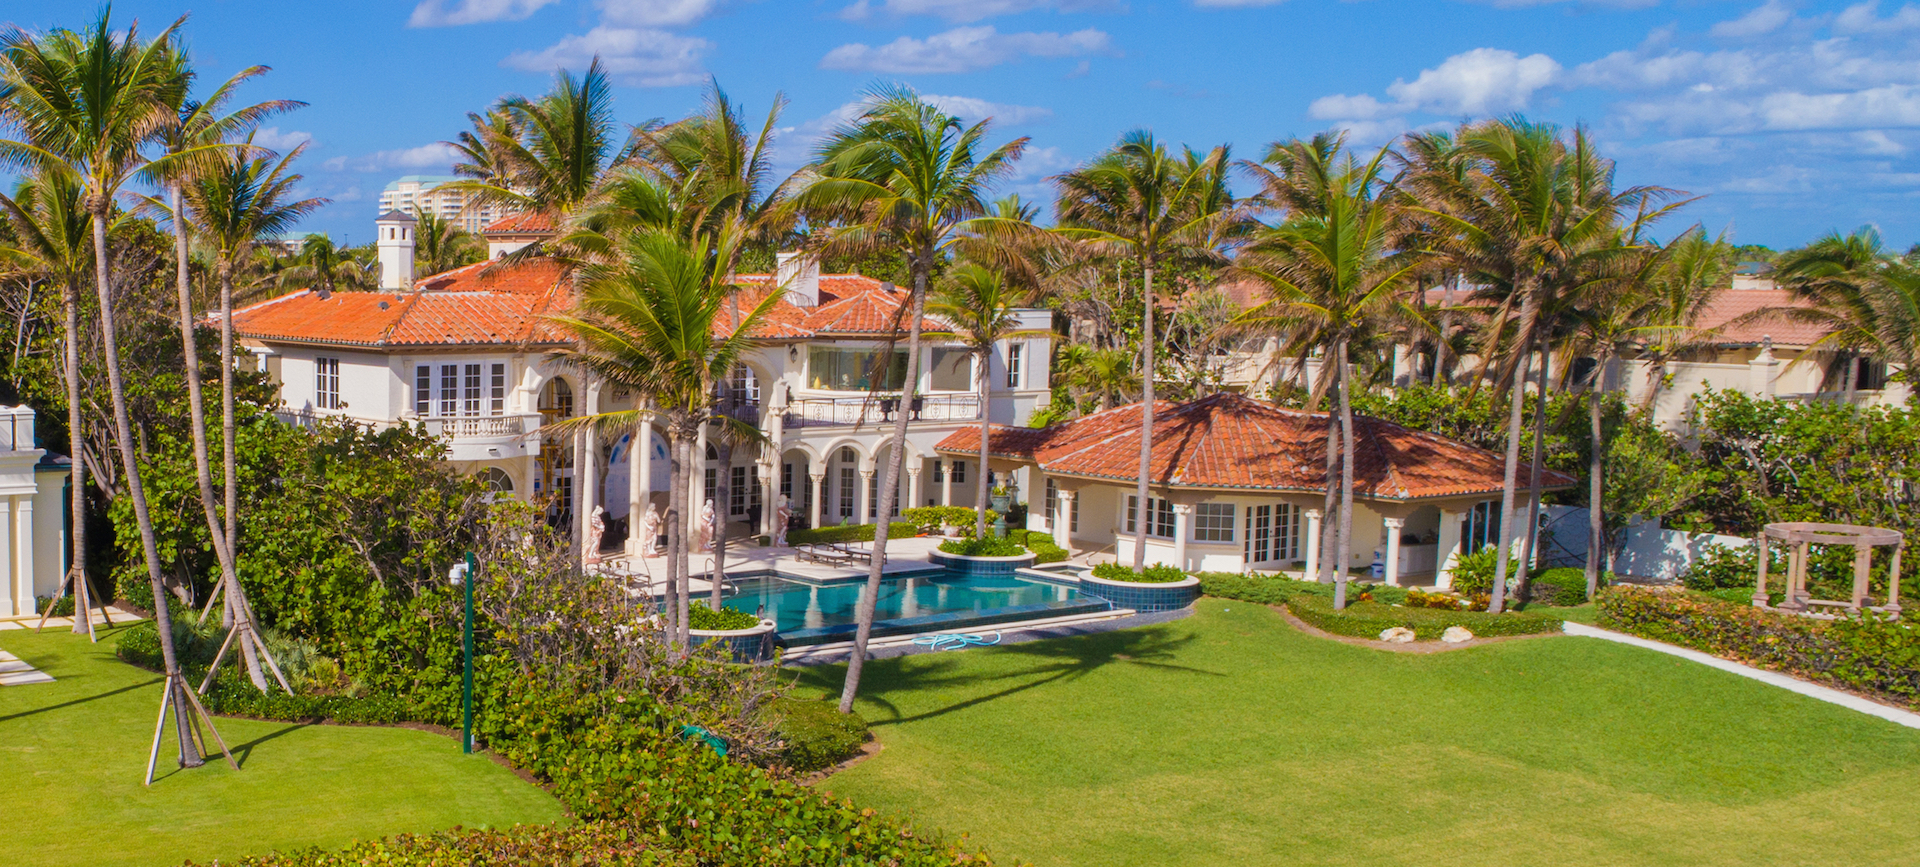 Boynton Beach - Grand Floridian Estate Realty